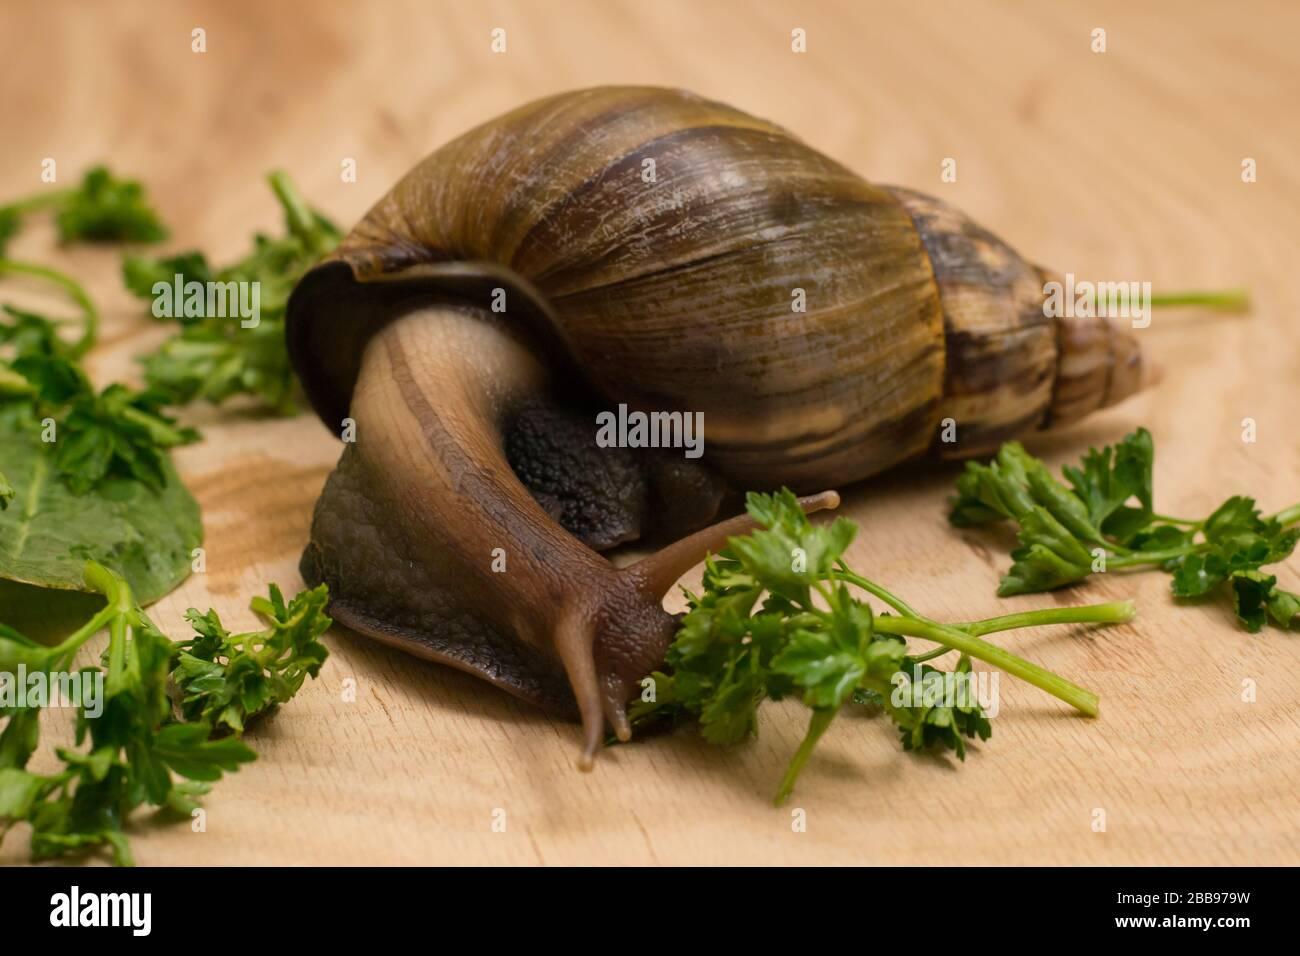 L Escargot D Achatina Africaine Mange Des Legumes Verts A La Maison Sur Fond De Bois Photo Stock Alamy